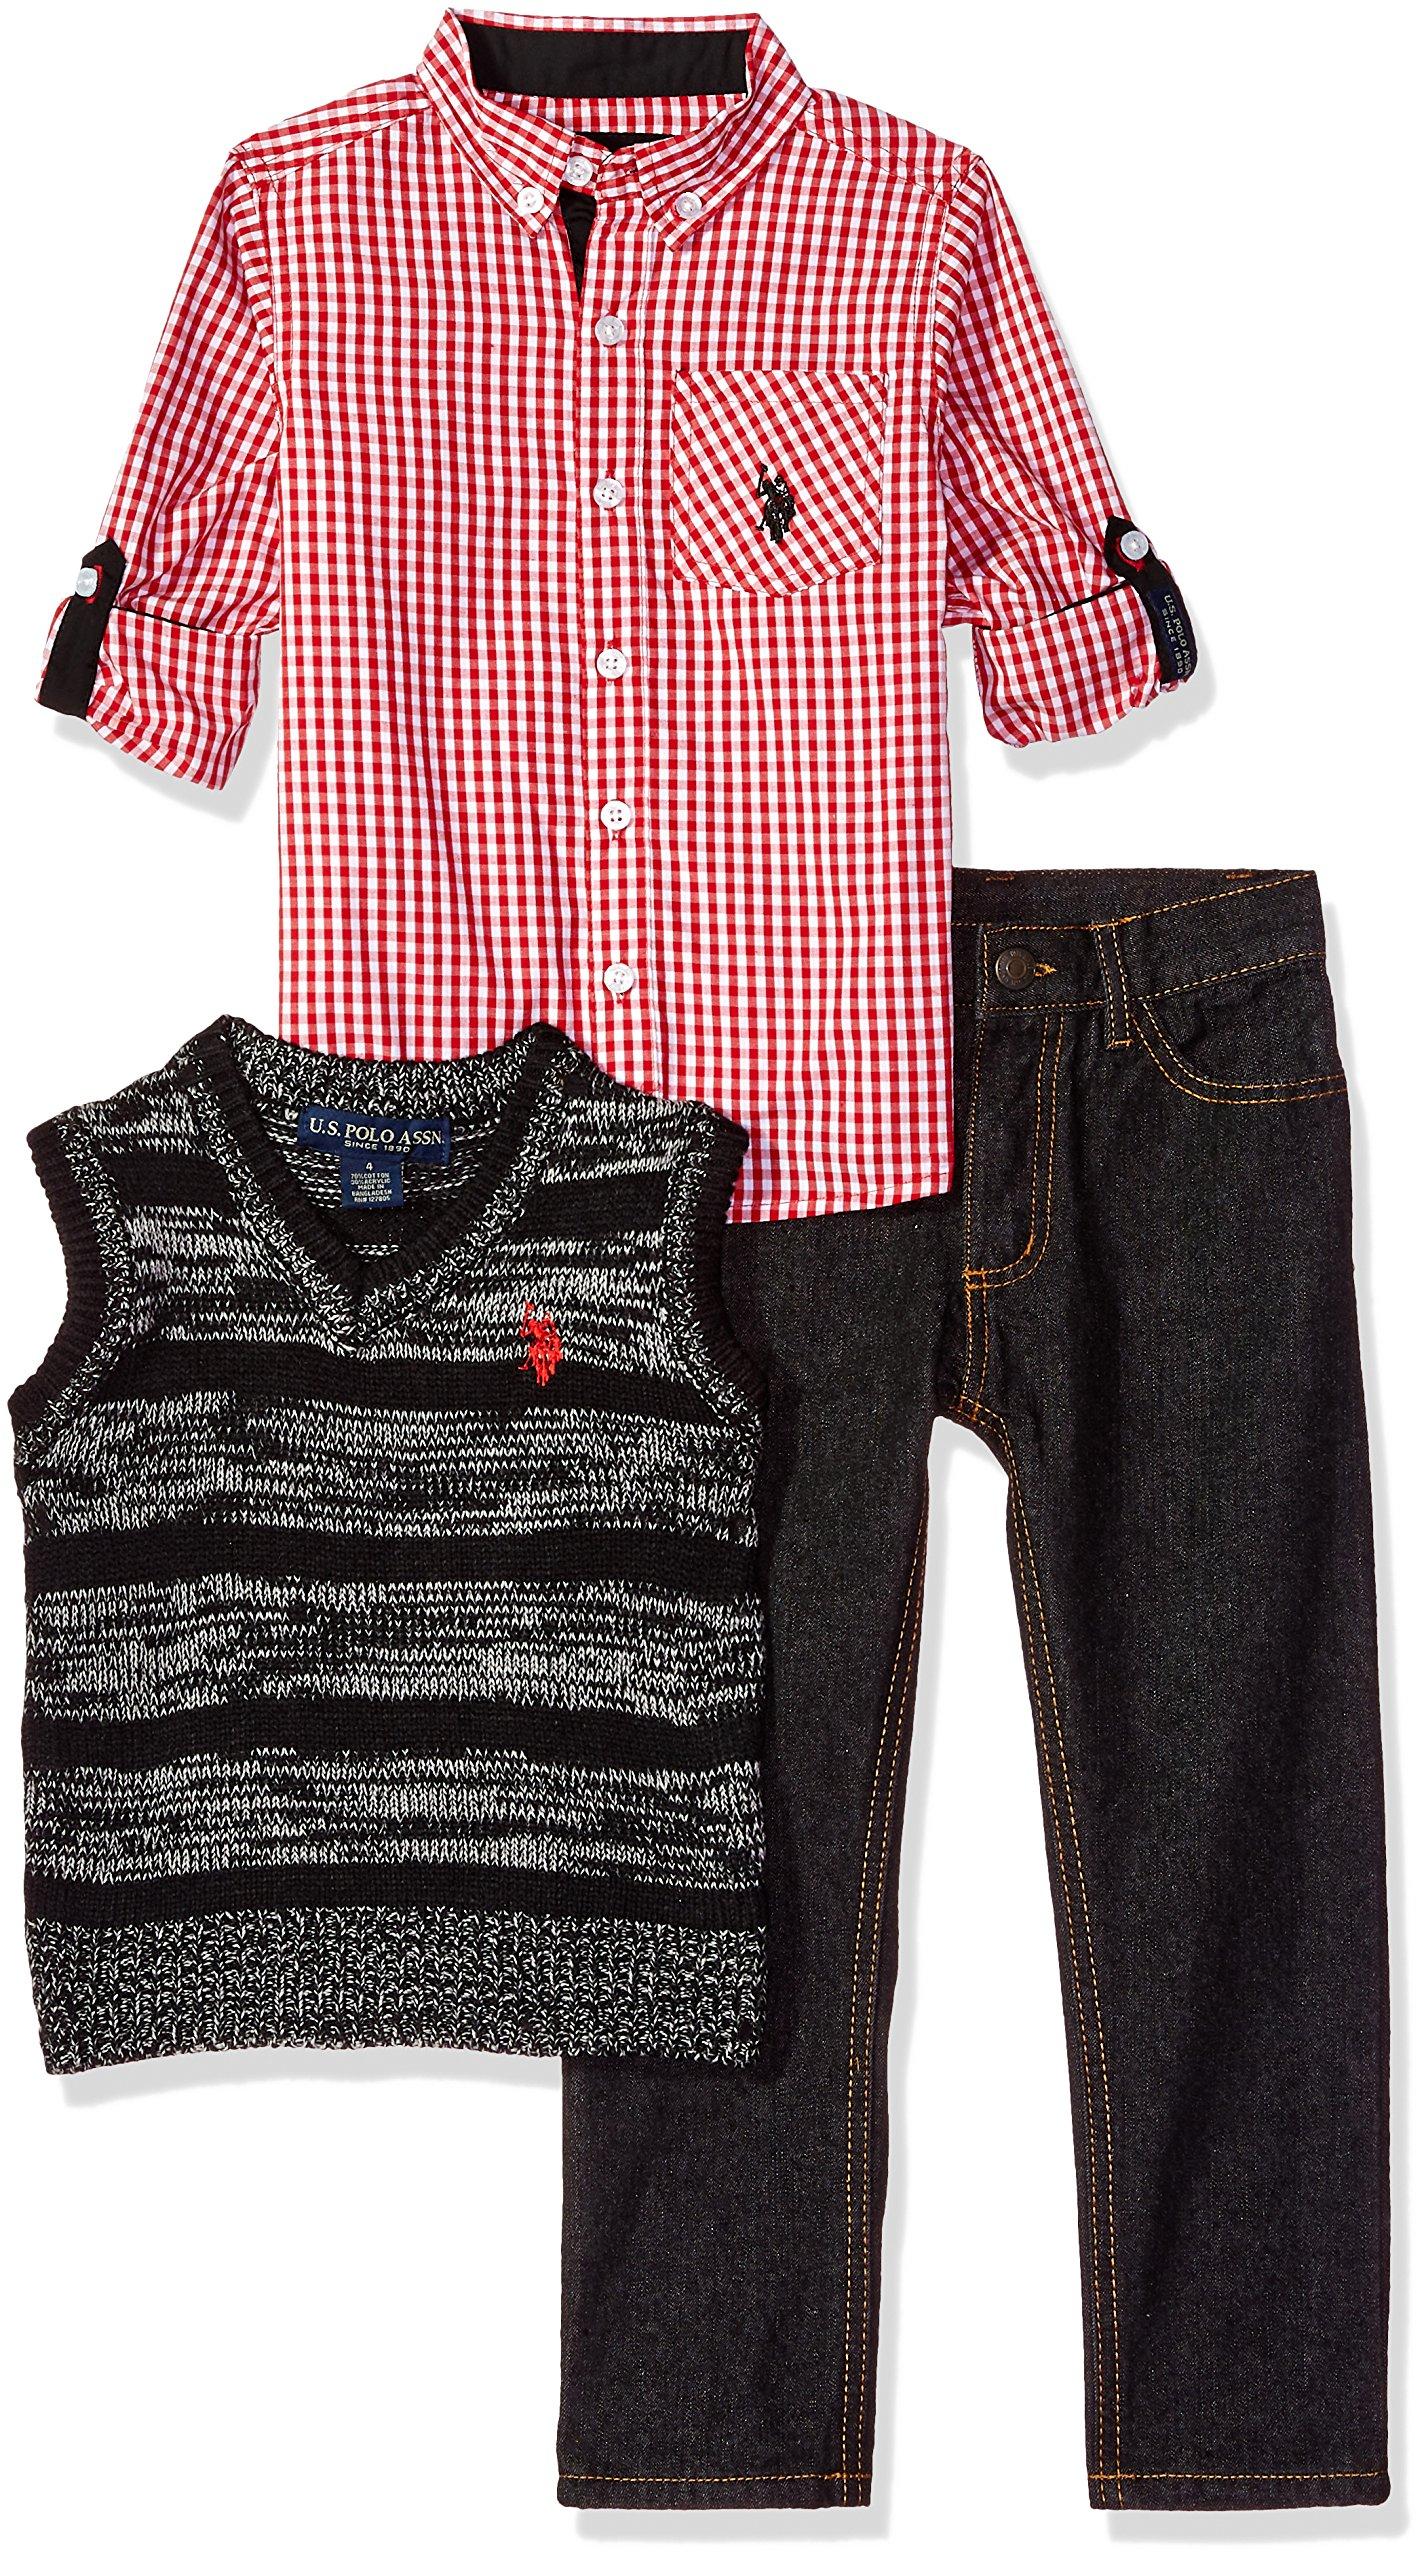 U.S. Polo Assn. Boys' Little Sport Shirt, Vest and Pant Set, Multi Plaid, 4